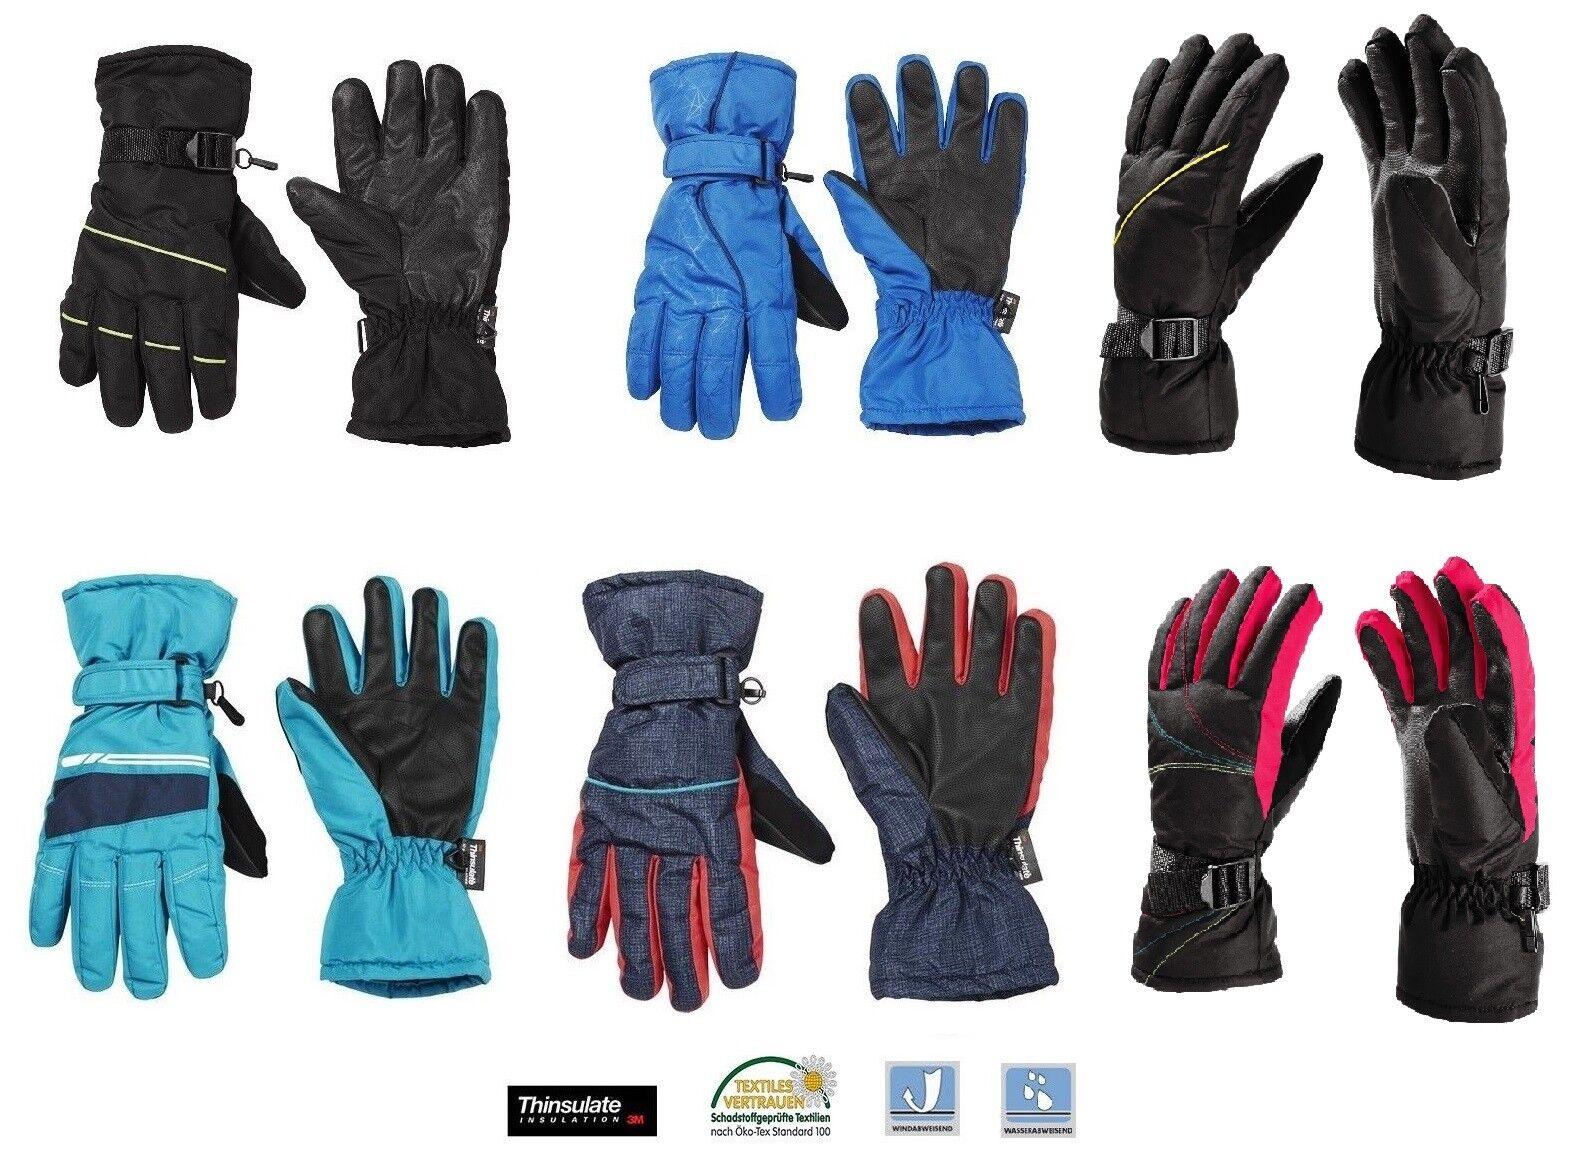 Herren Damen Skihandschuhe Ski Handschuhe Outdoor Sport auswahl Gr. 7,0 - 9,5